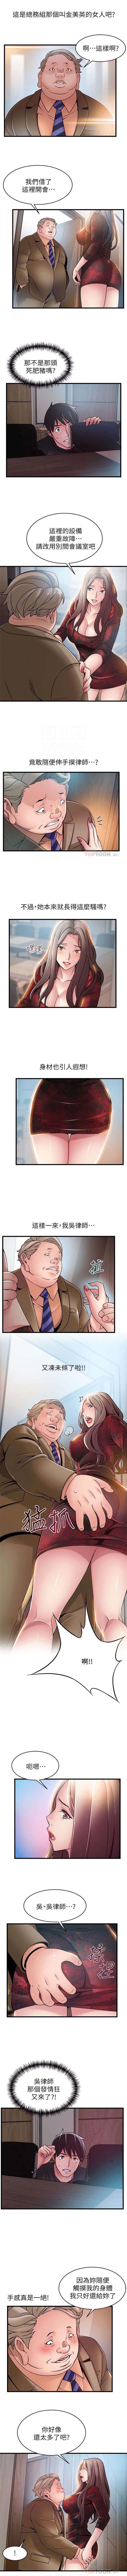 (周7)弱点 1-66 中文翻译(更新中) 316